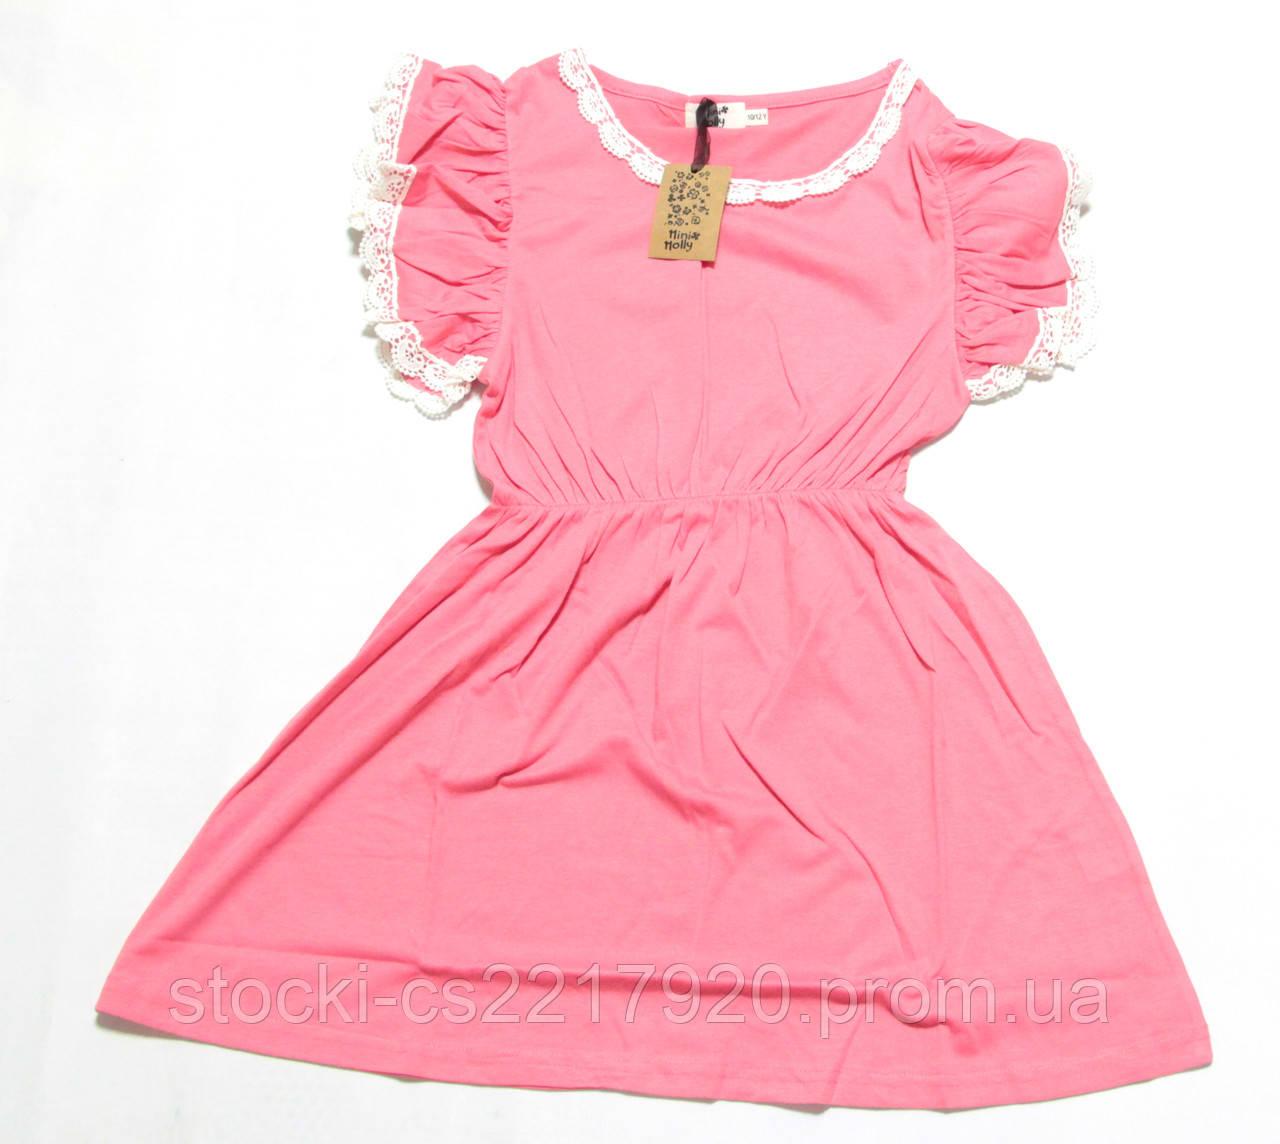 Дитячий одяг MINI MOLLY СТОК  продажа b2e781b31a013